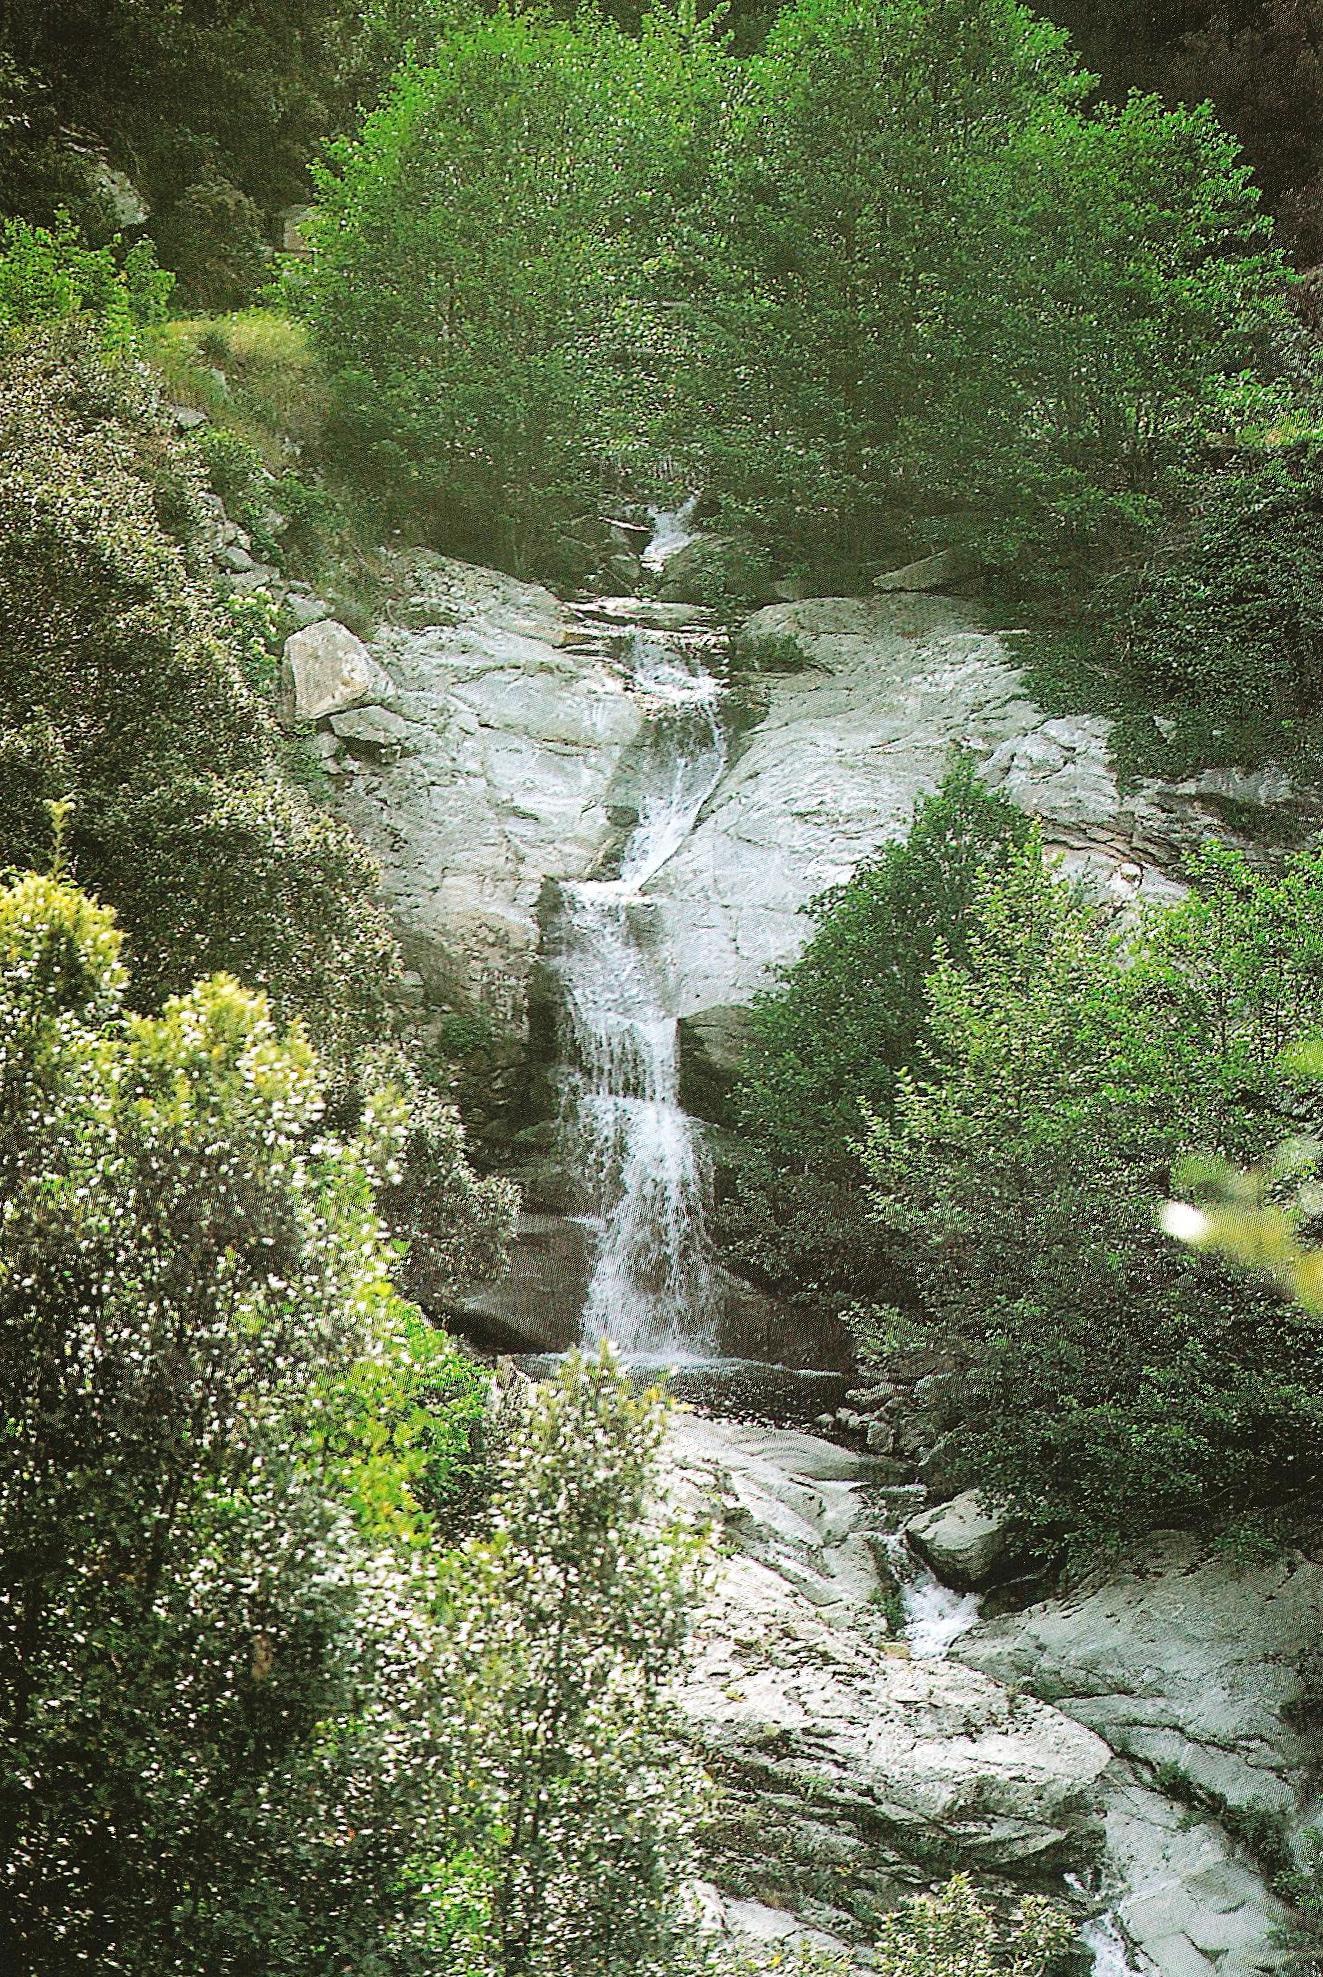 Στο δάσος της Μονής. The monastery forest.